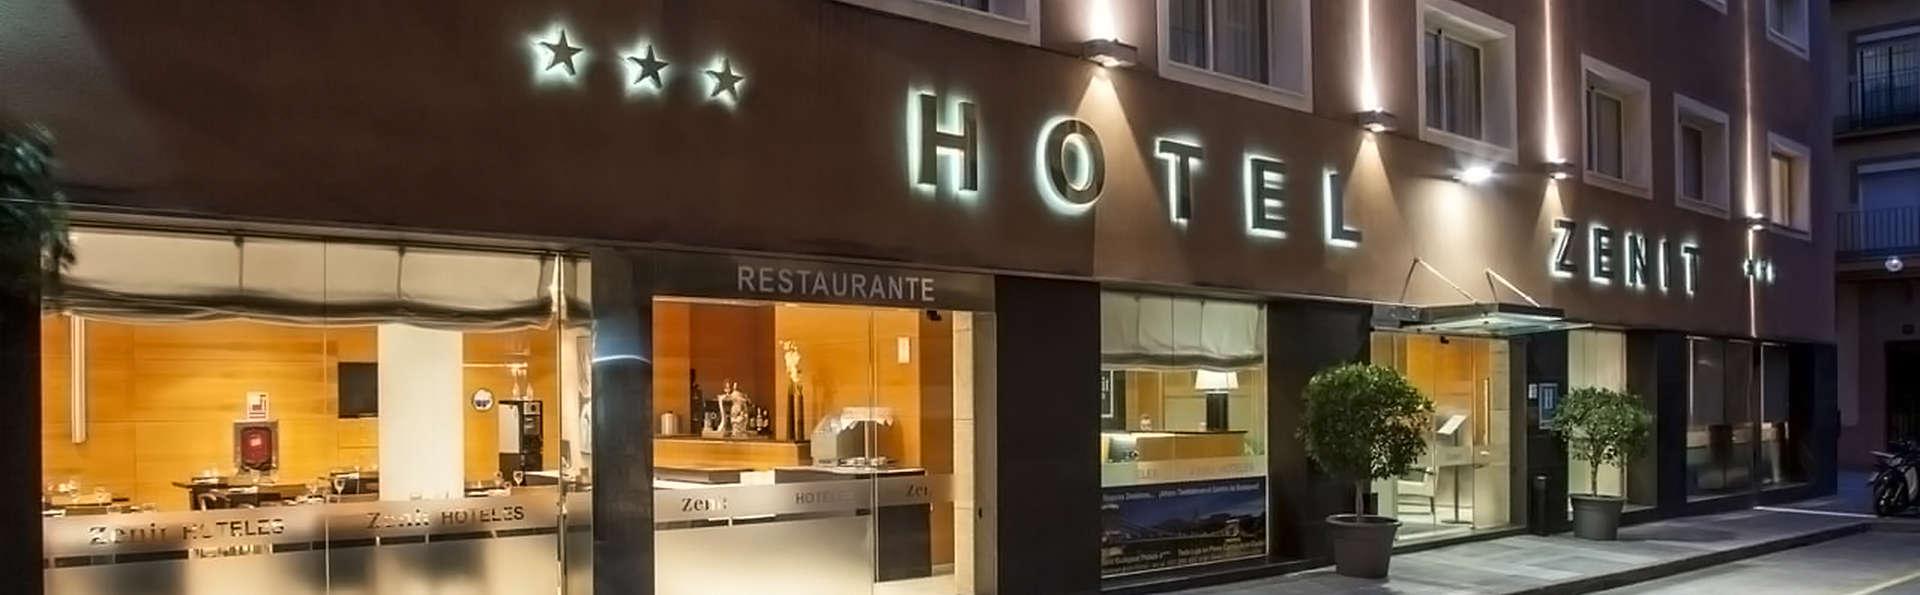 Hotel Zenit Málaga - EDIT_Exterior1.jpg